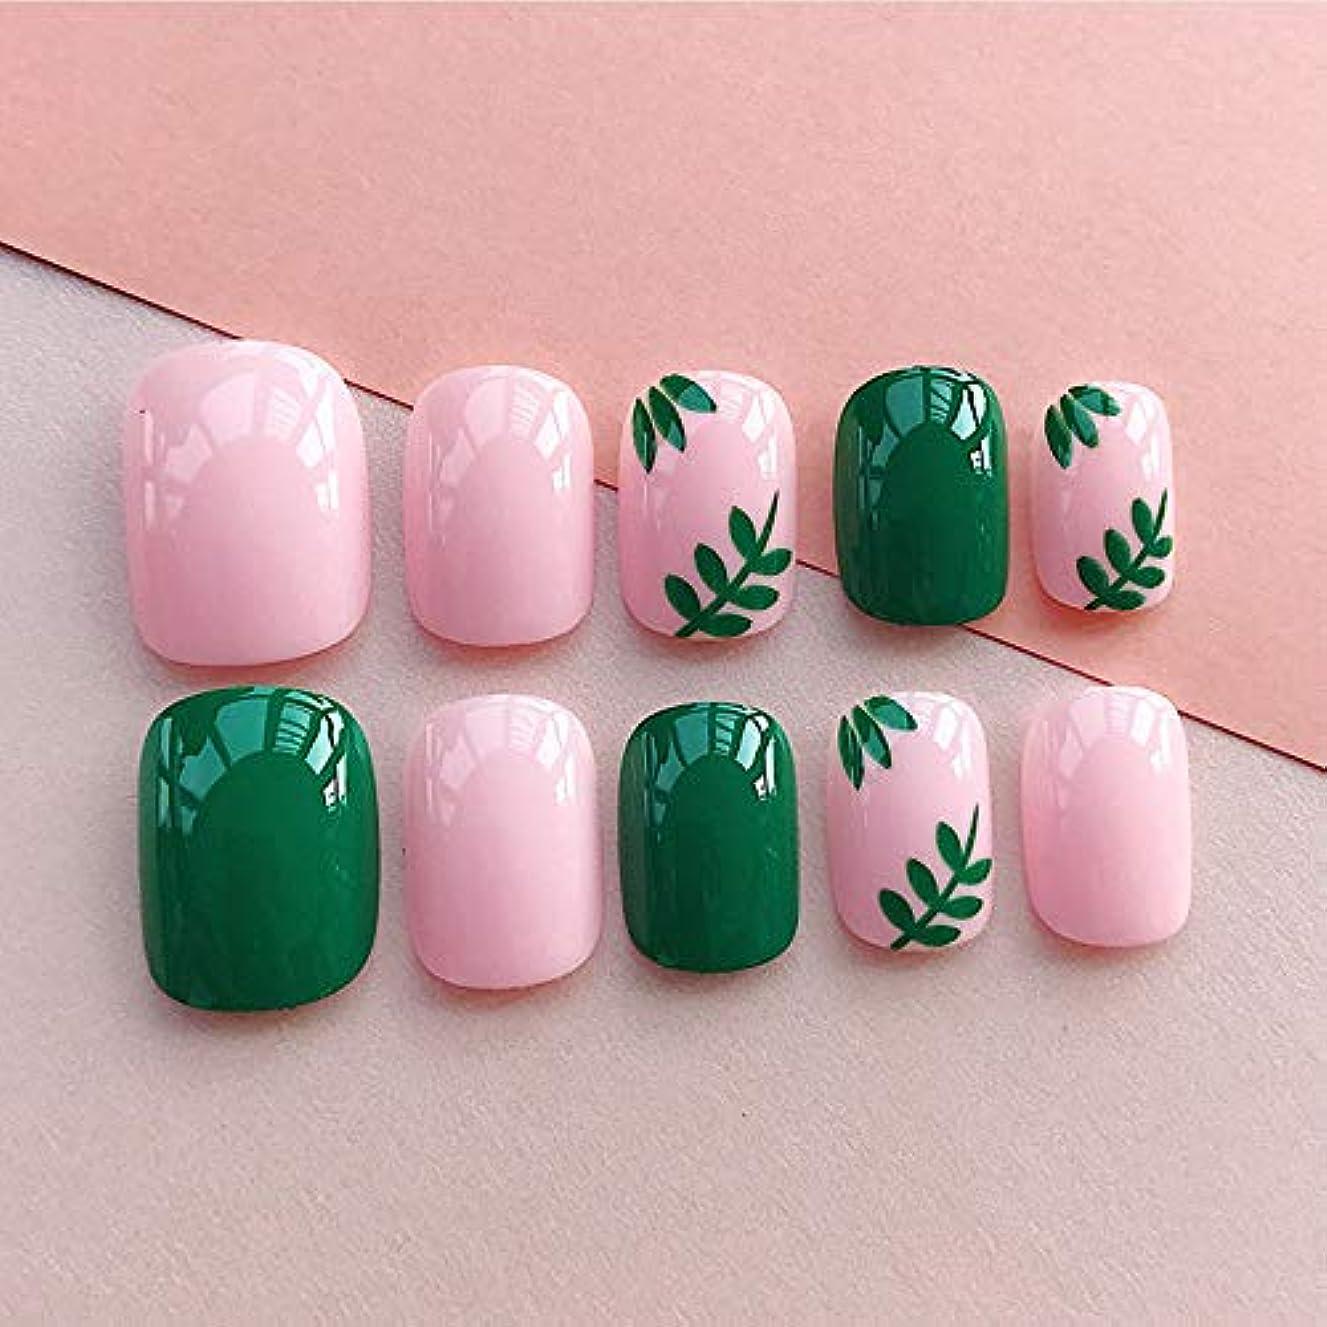 無心社会学旋回LIARTY ネイルチップ 夏の ピンク 緑の葉 優雅 短い 四角形 フルカバー 24枚 12別サイズ つ